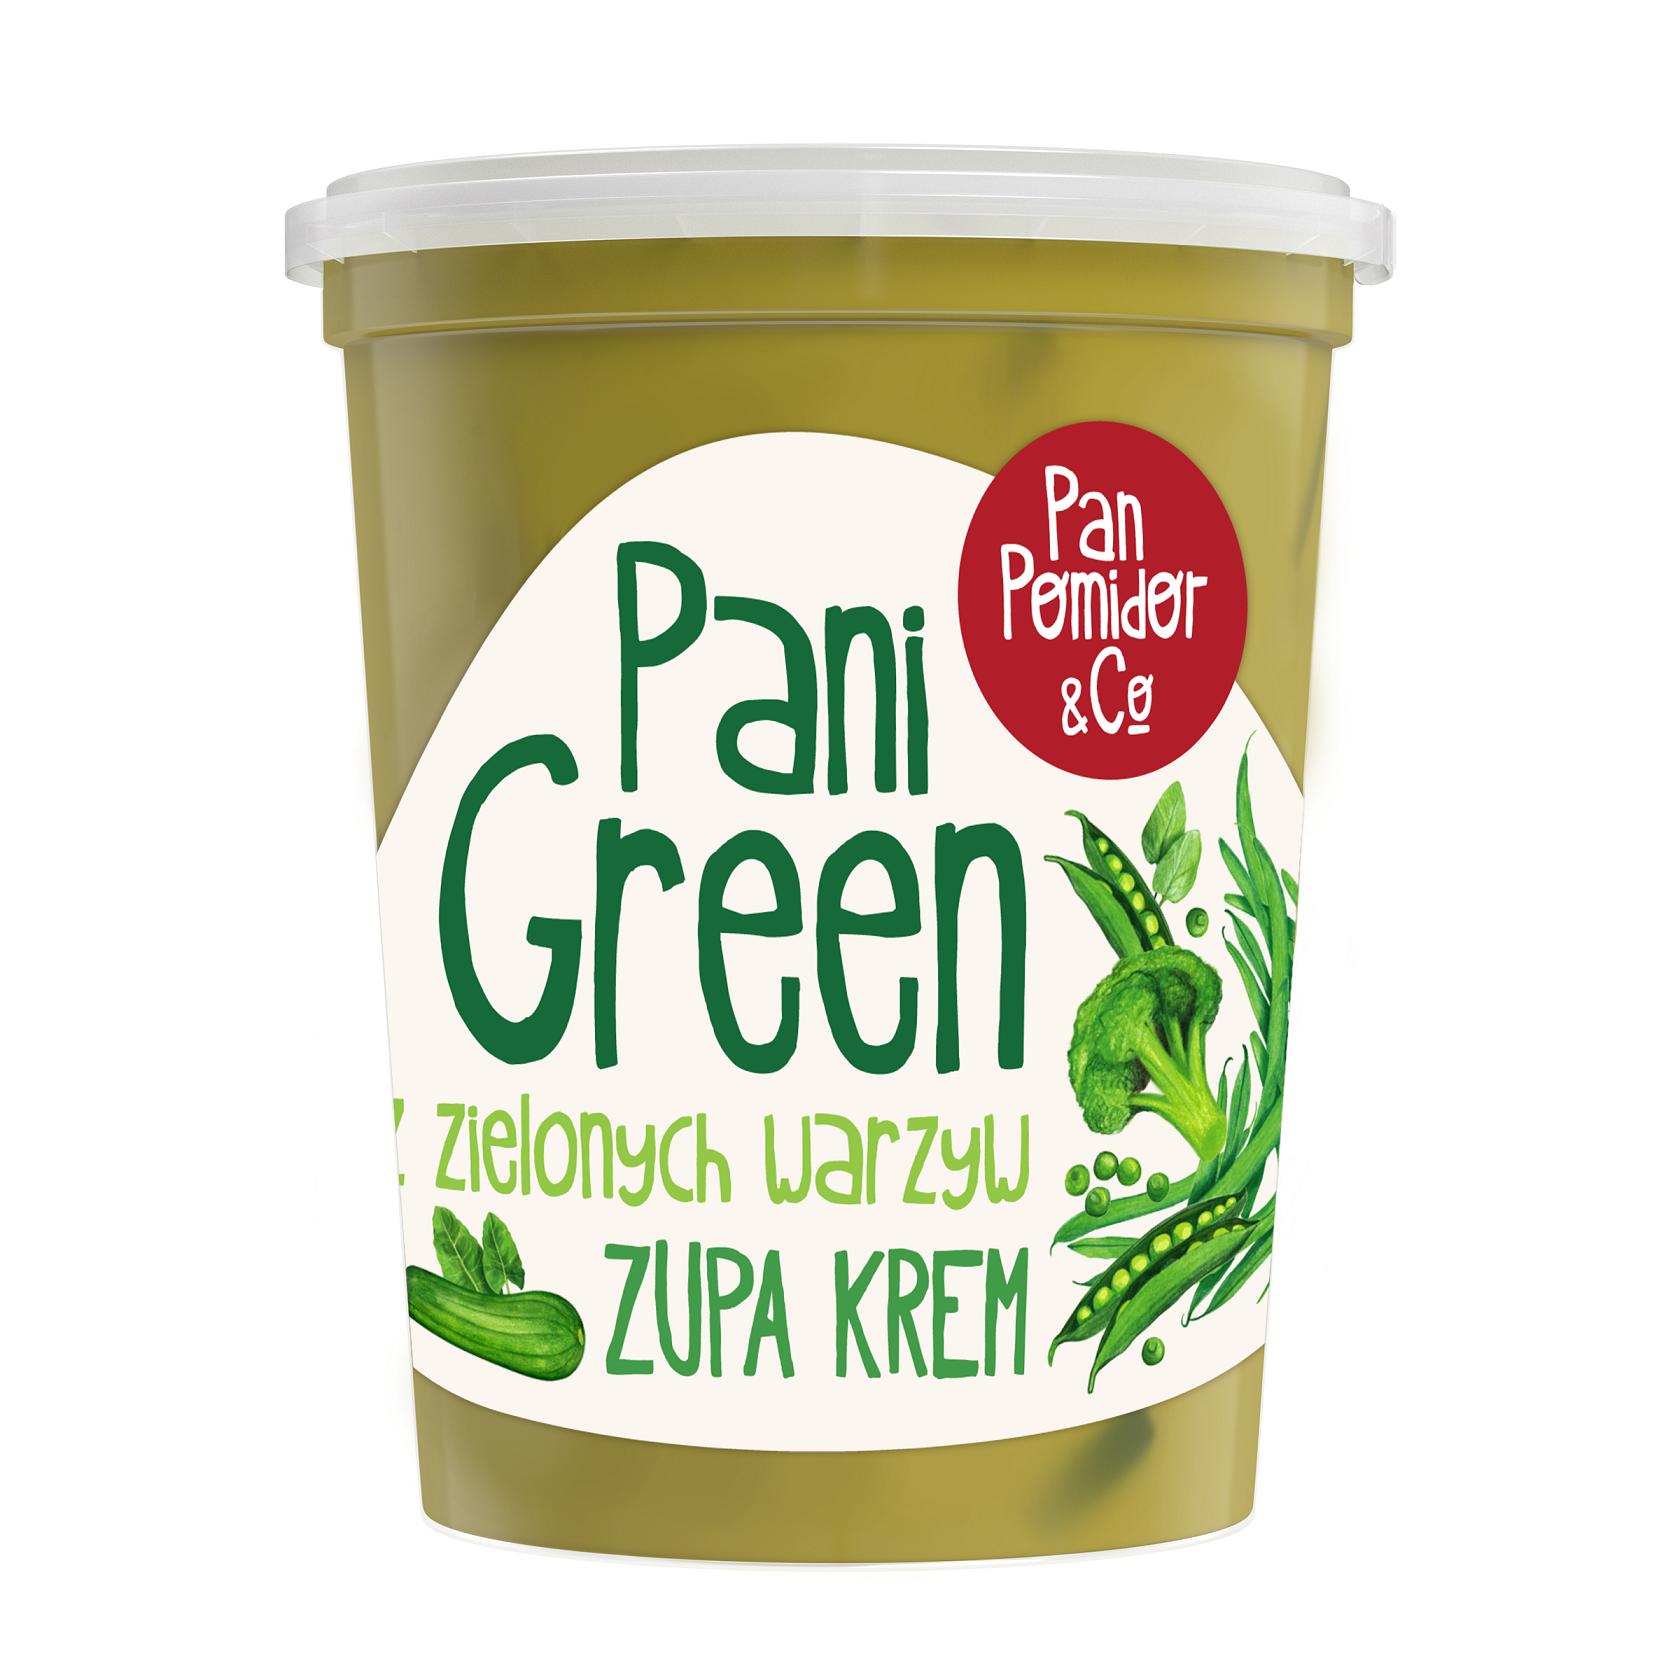 Pani Green, nowa zupa marki Pan Pomidor&Co. – wiosenna oferta dla zapracowanych